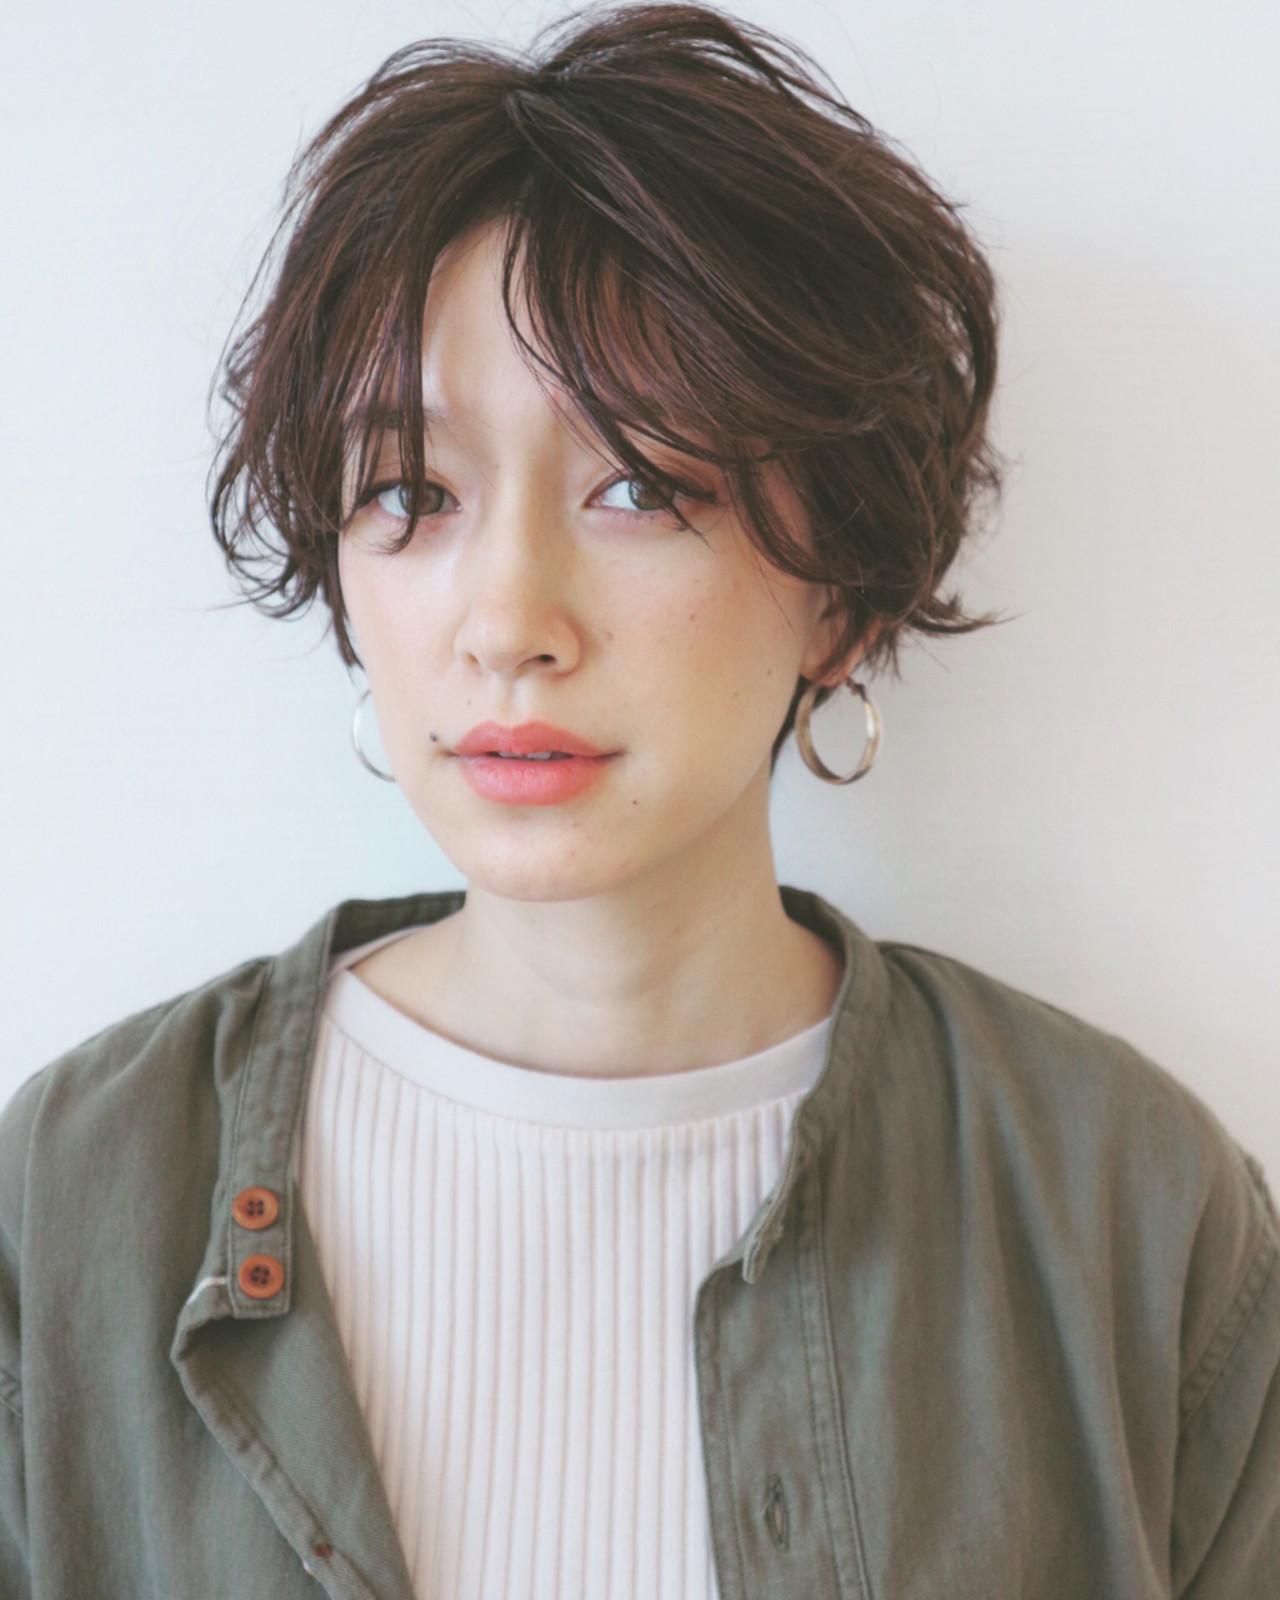 ブルージュ×束感ショートは春カラーの髪にぴったり♪ 三好 佳奈美 | Baco.(バコ)